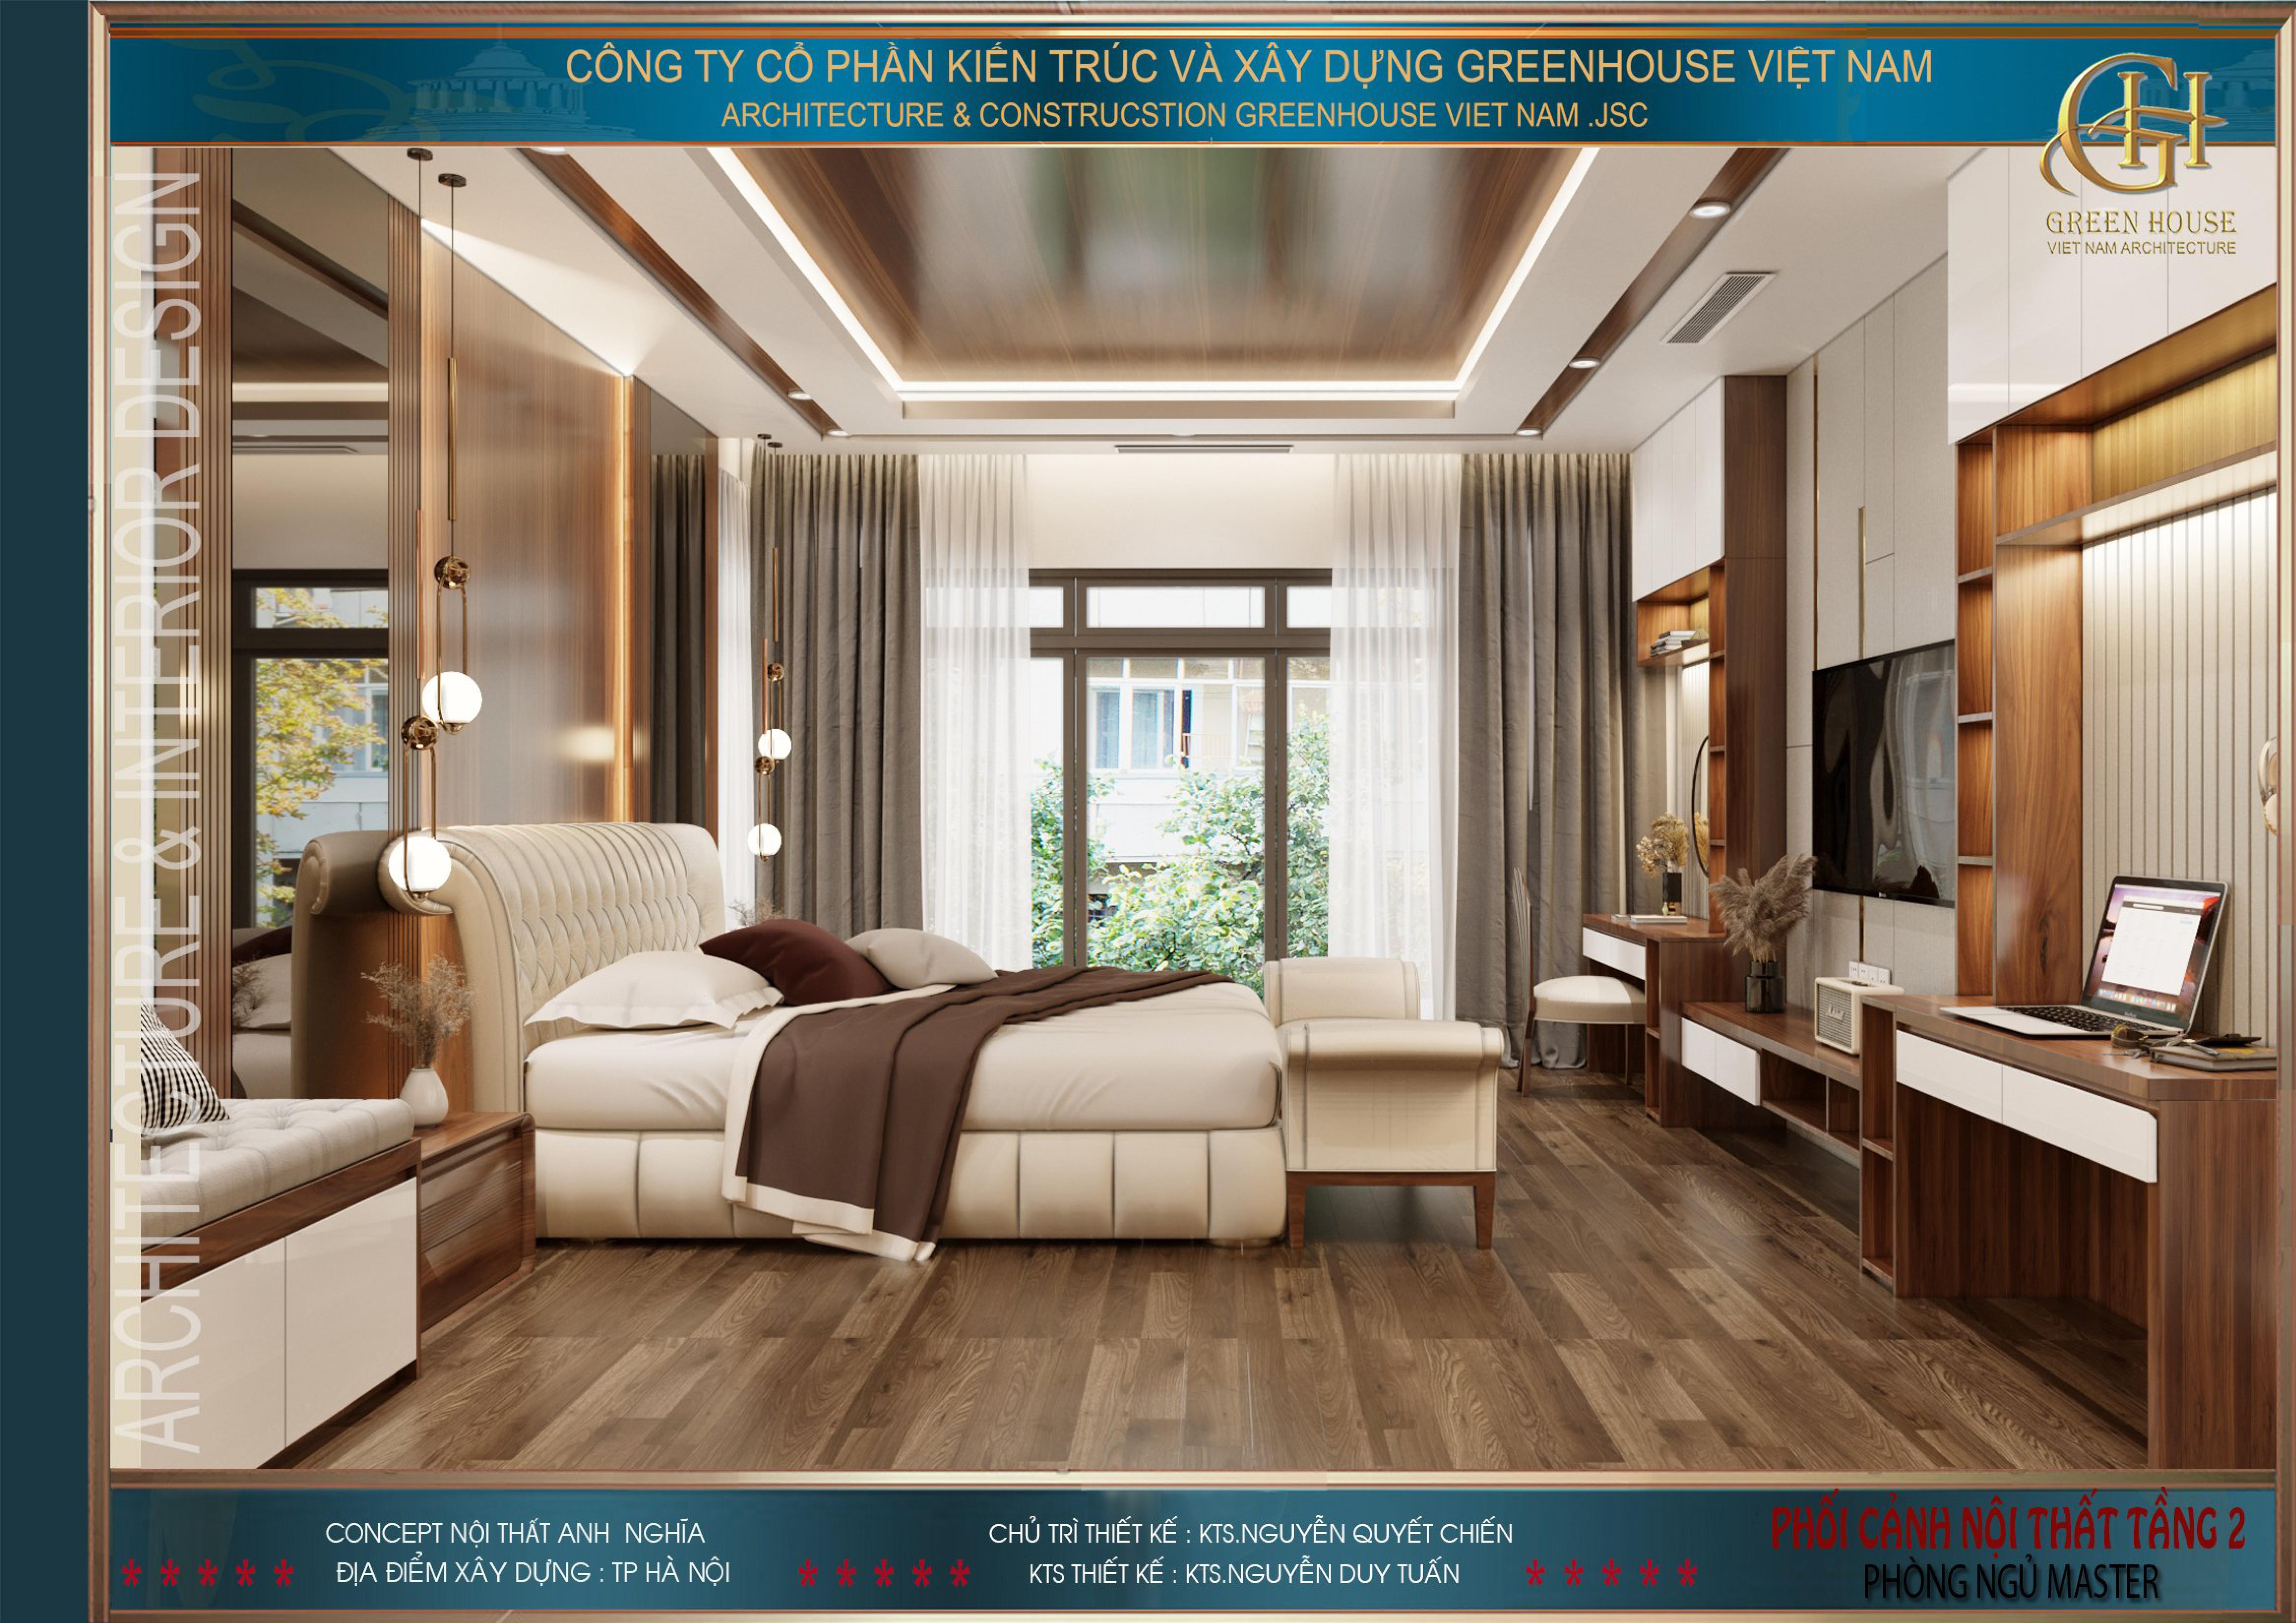 Phòng ngủ với cửa sổ lớn có tầm nhìn ra ngay ngoài sân trở thành điểm nhấn đắt giá cho cả công trình, tựa như phòng ngủ cao cấp trong các khách sạn nổi tiếng